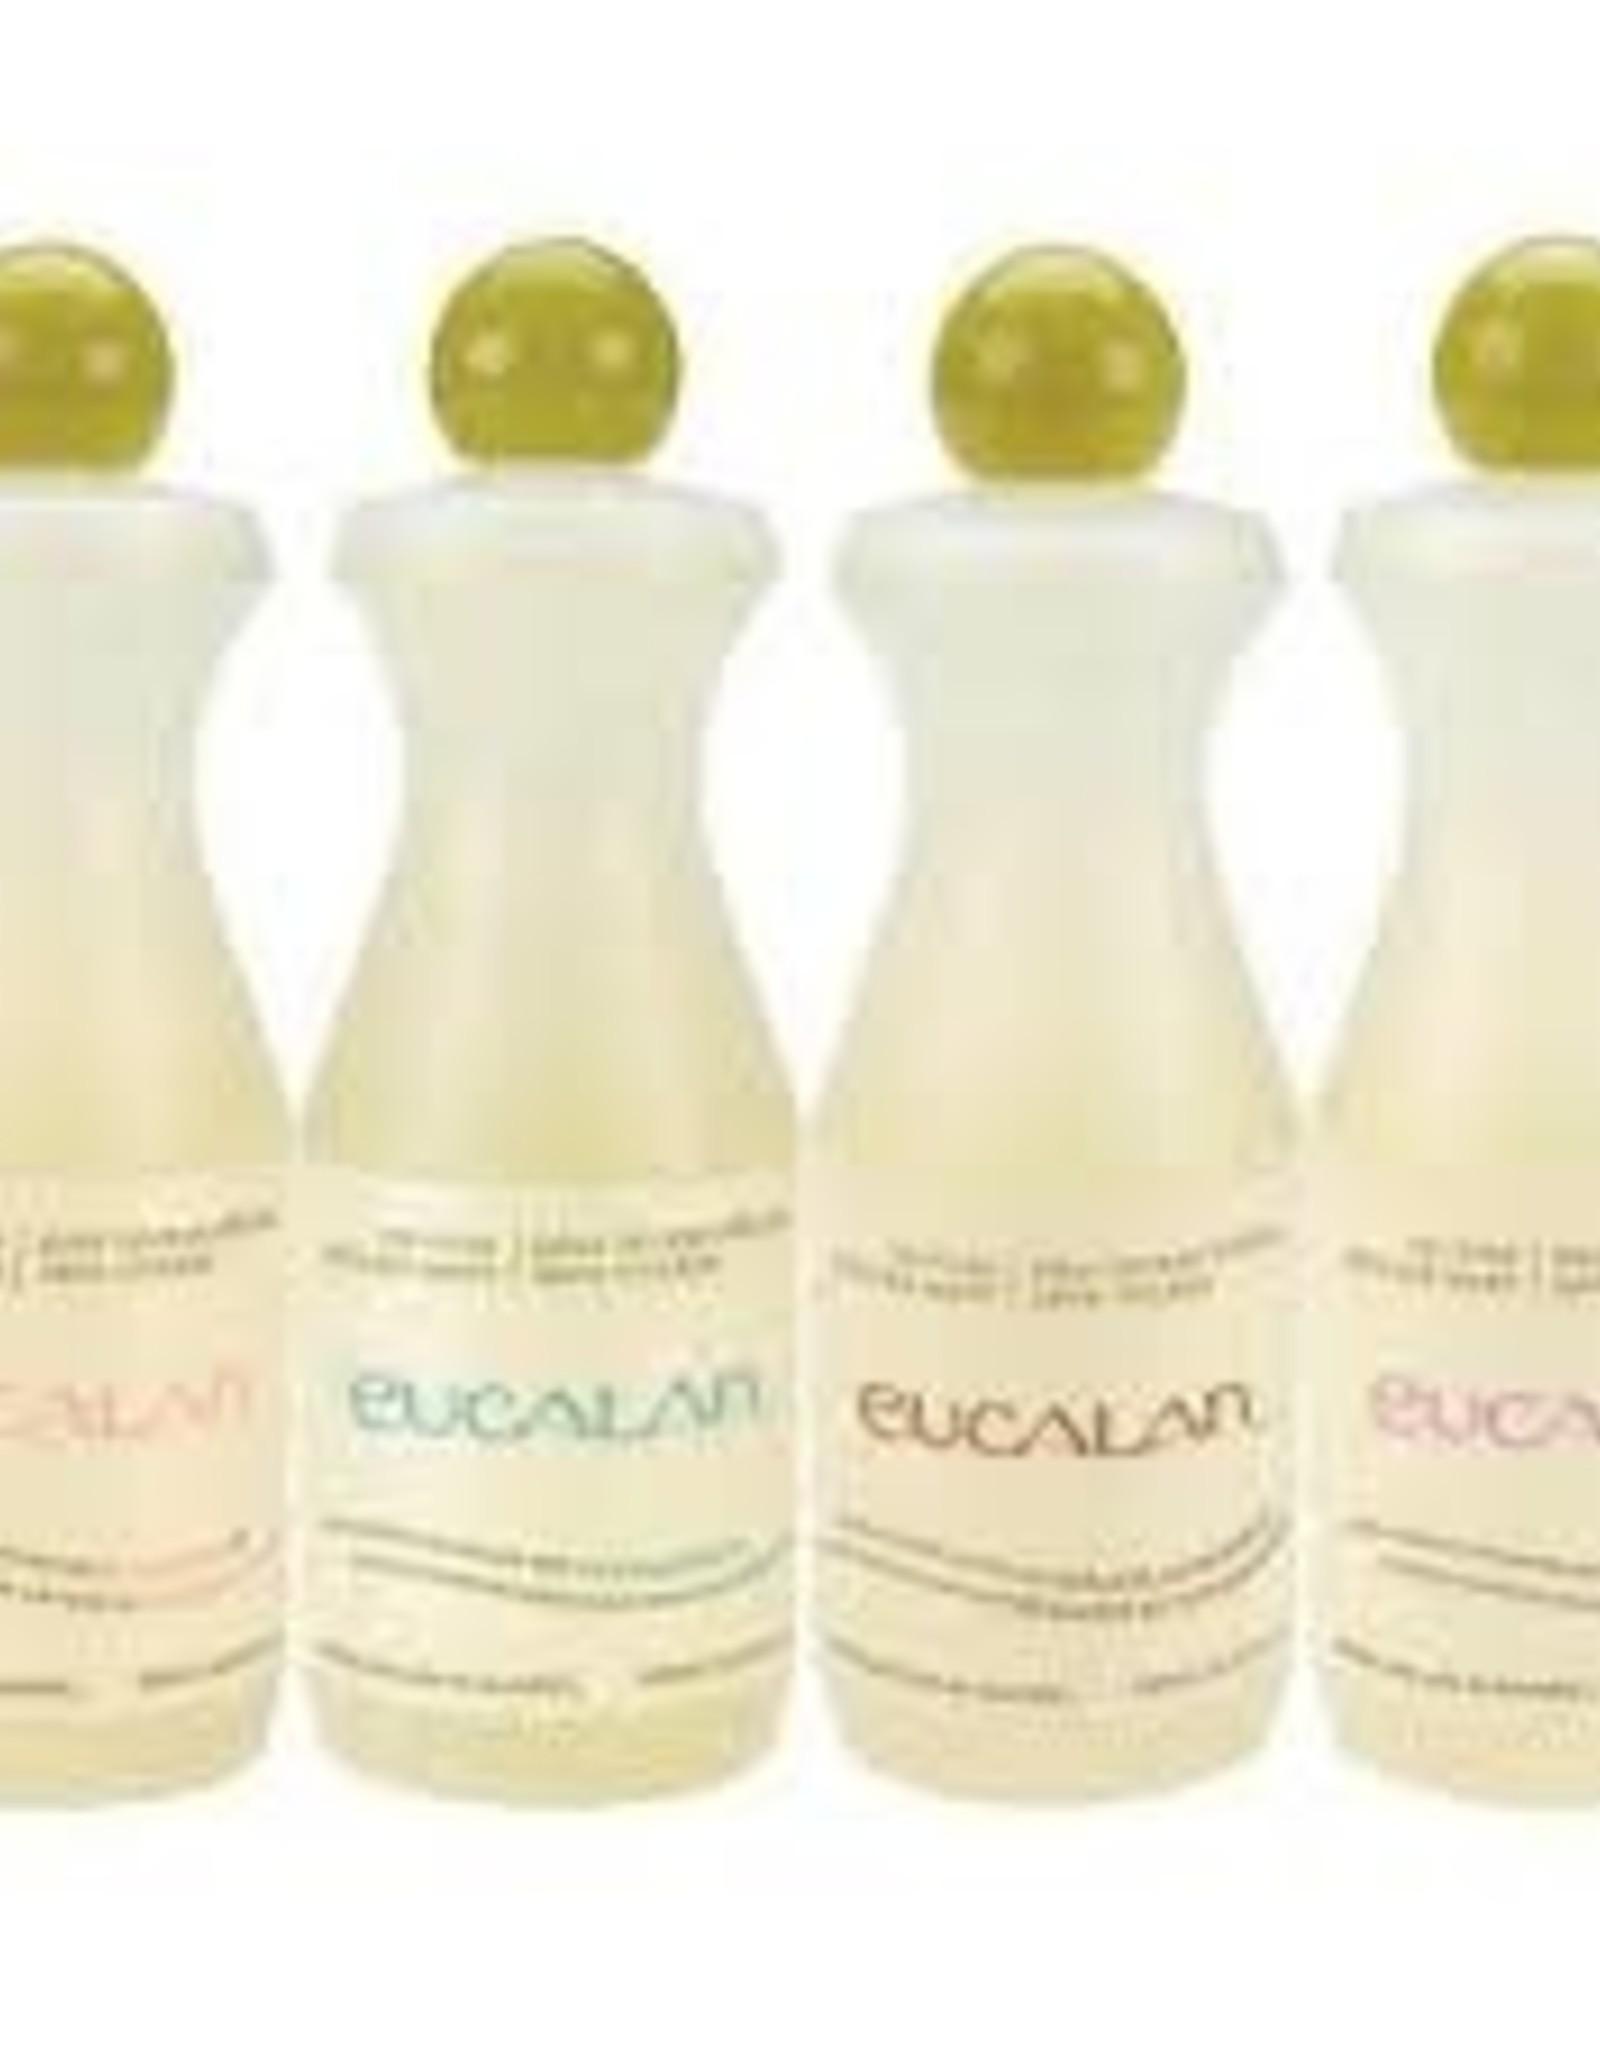 Eucalan 500 ml Eucalyptas